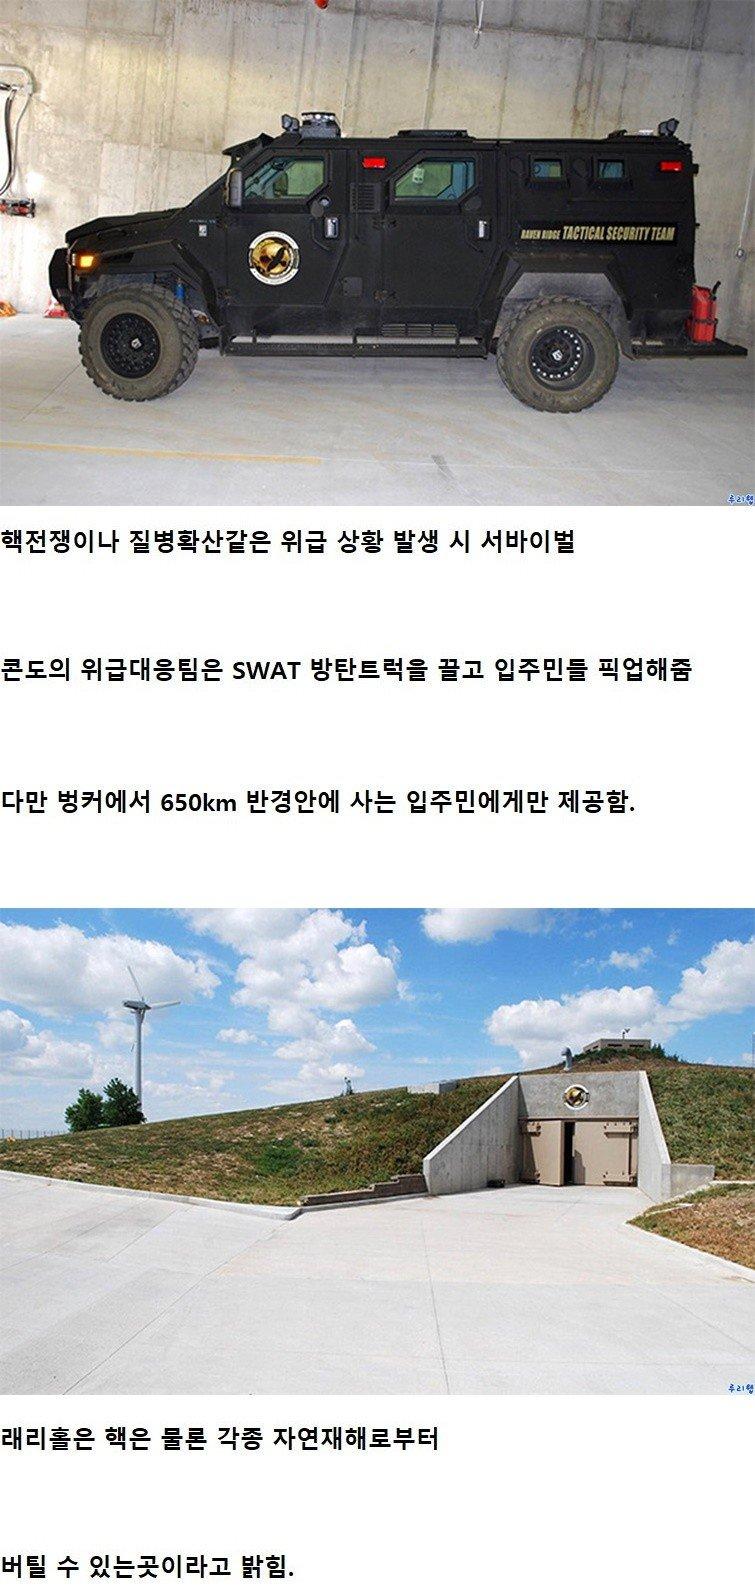 서바이벌프로젝트 (6).jpg 미국의 서바이벌 콘도 프로젝트